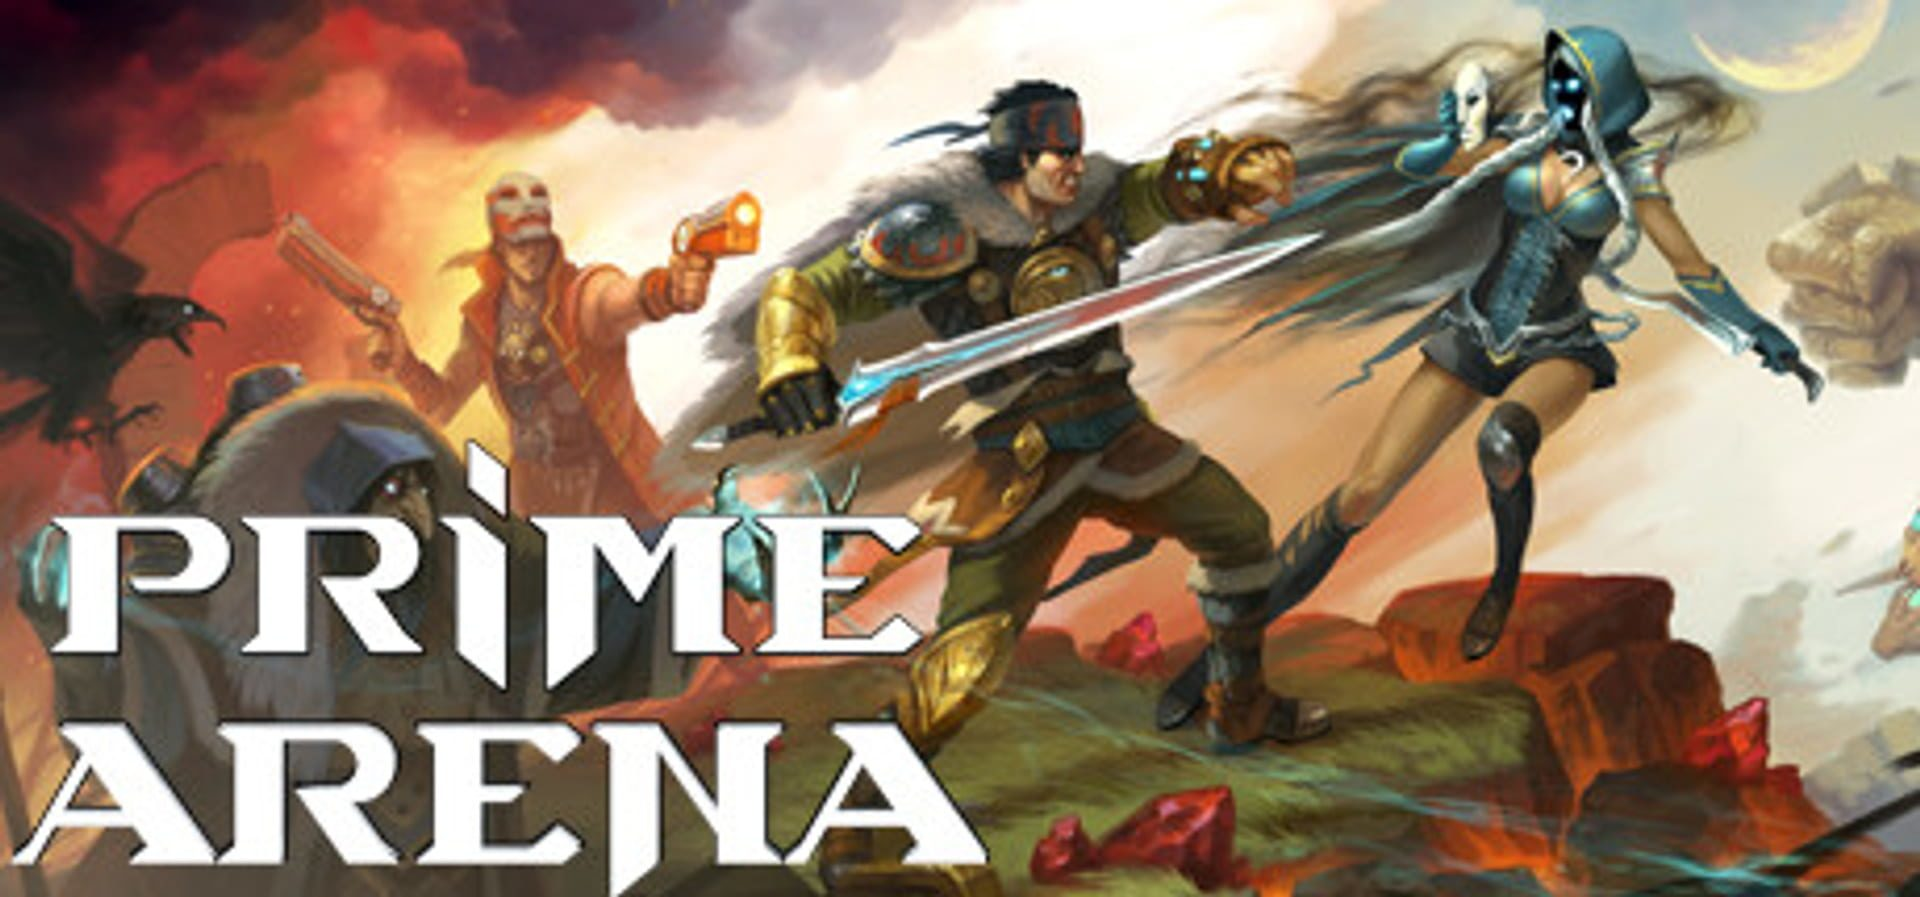 buy Prime Arena cd key for pc platform